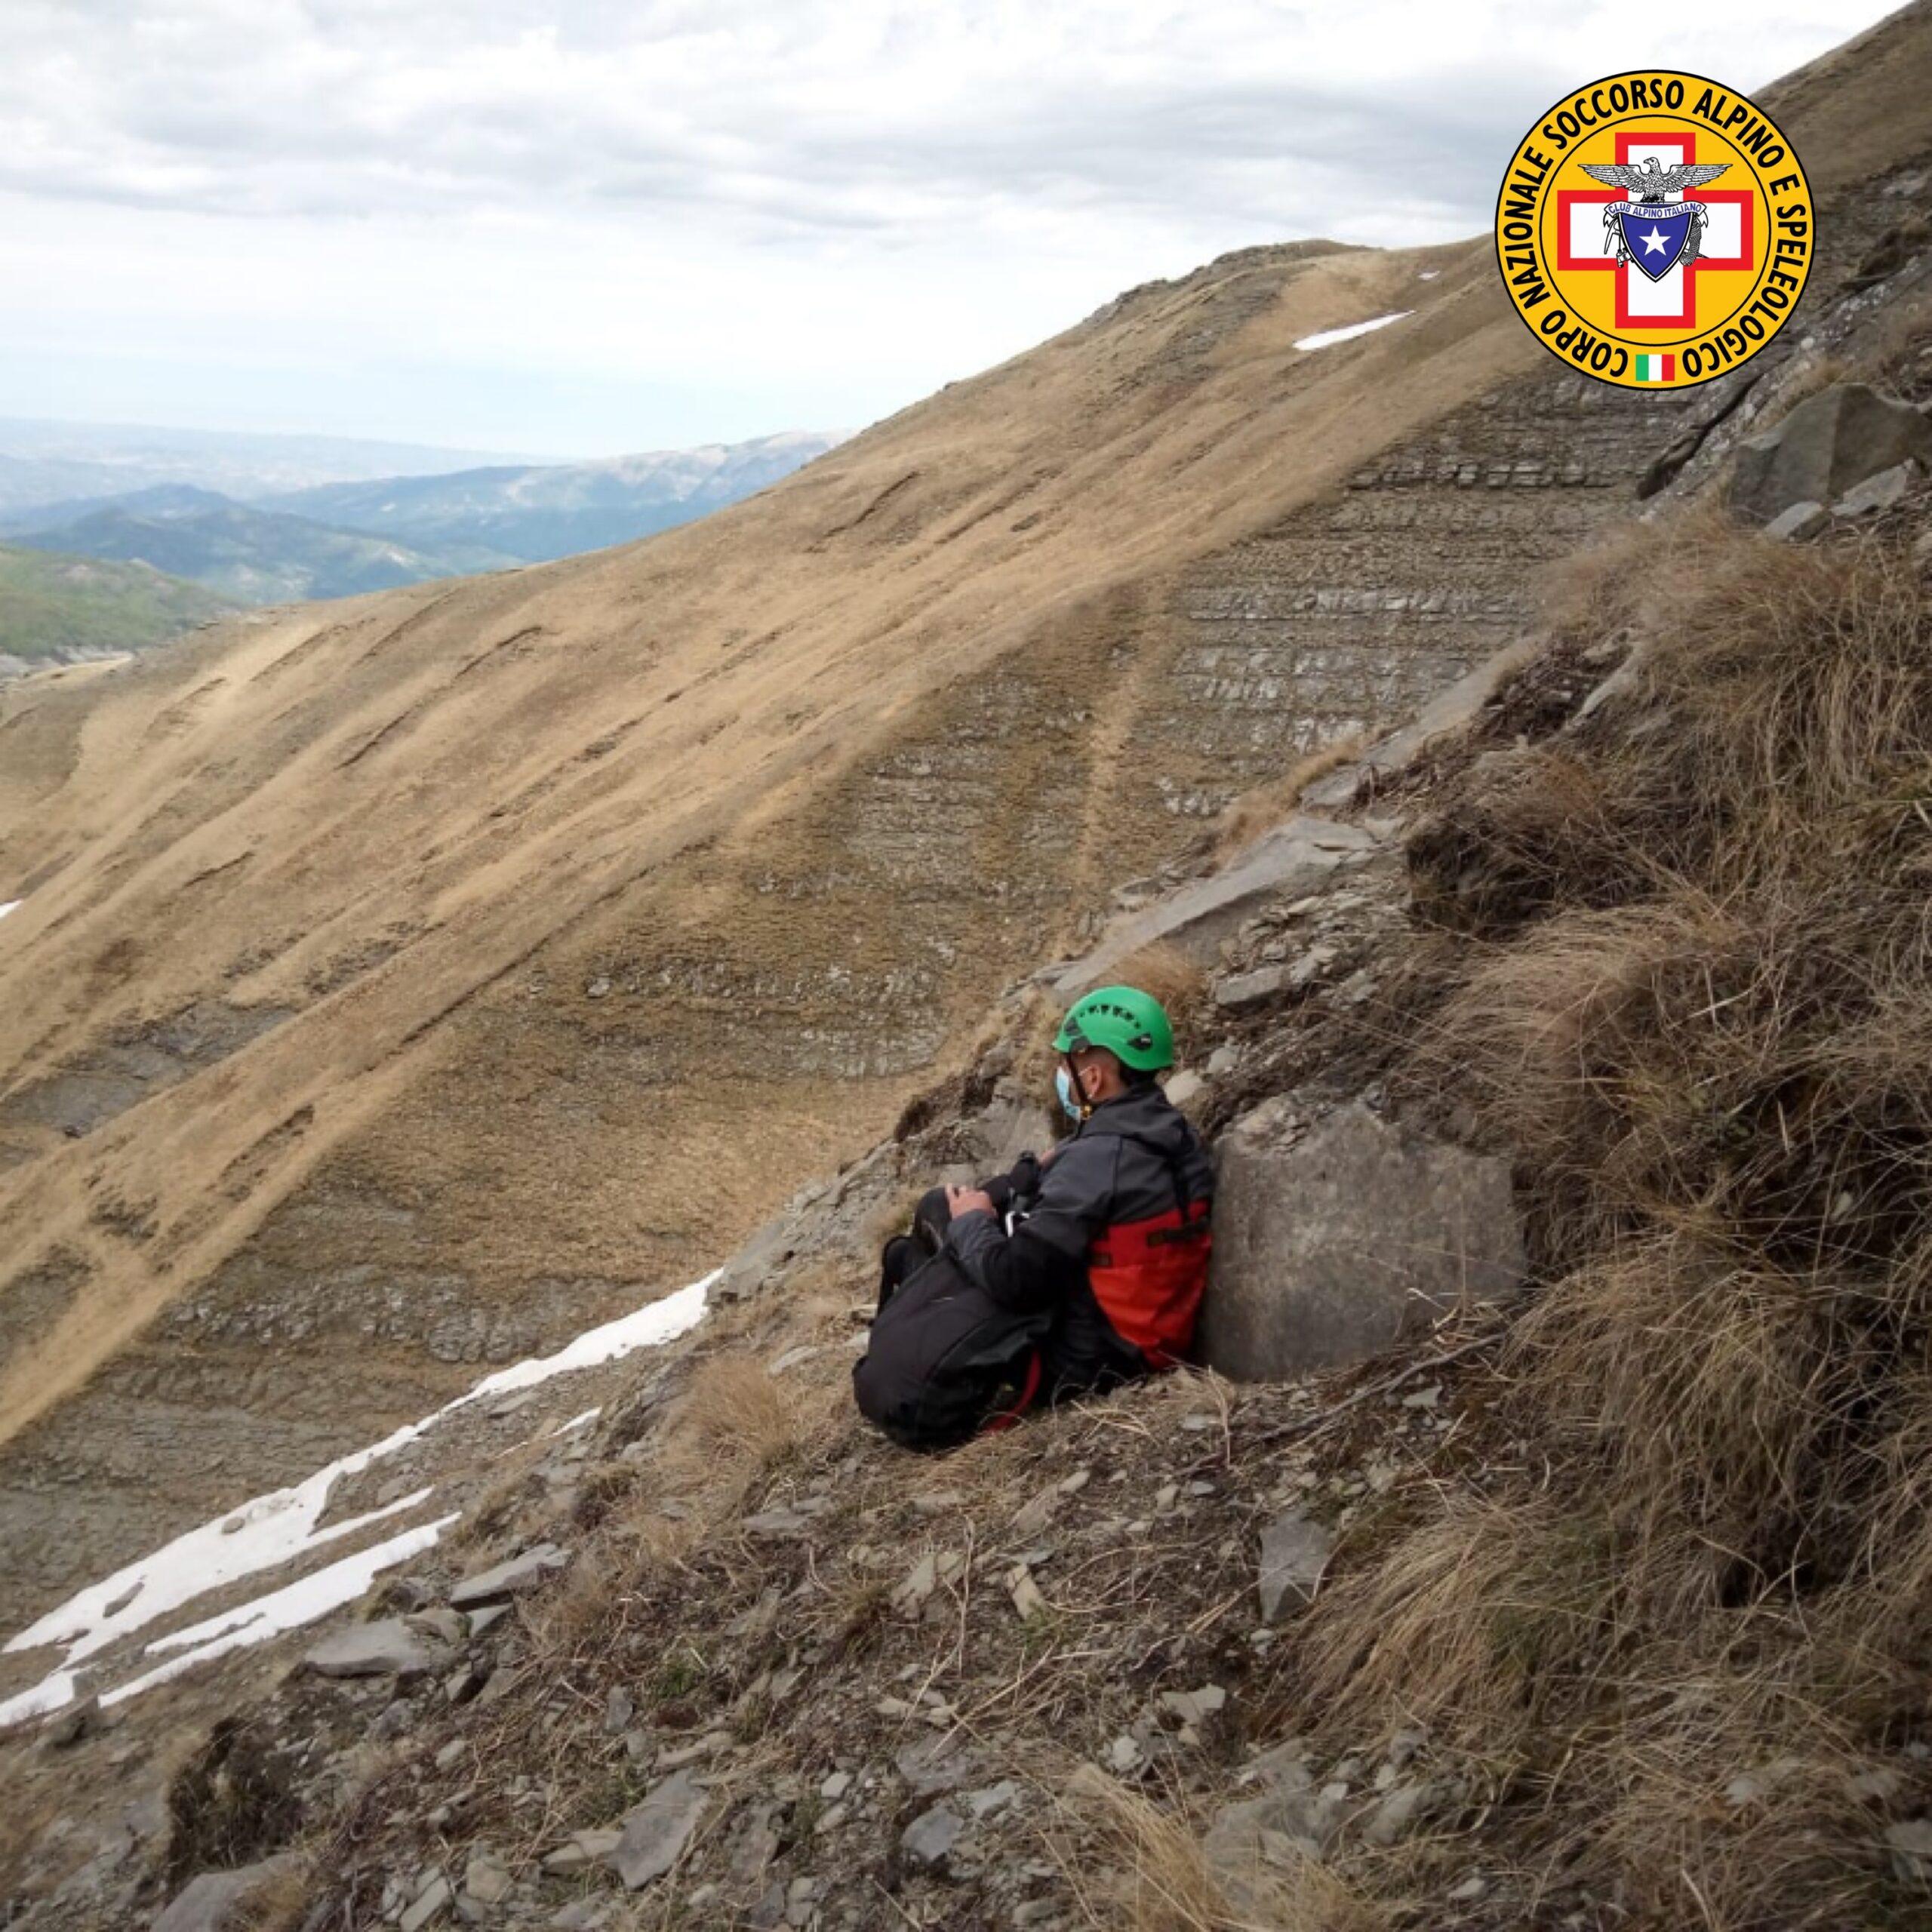 Escursionista cade e si rompe una spalla sul Sirente, intervengono le squadre di terra di L'Aquila ed Avezzano del Soccorso Alpino per portarlo in salvo